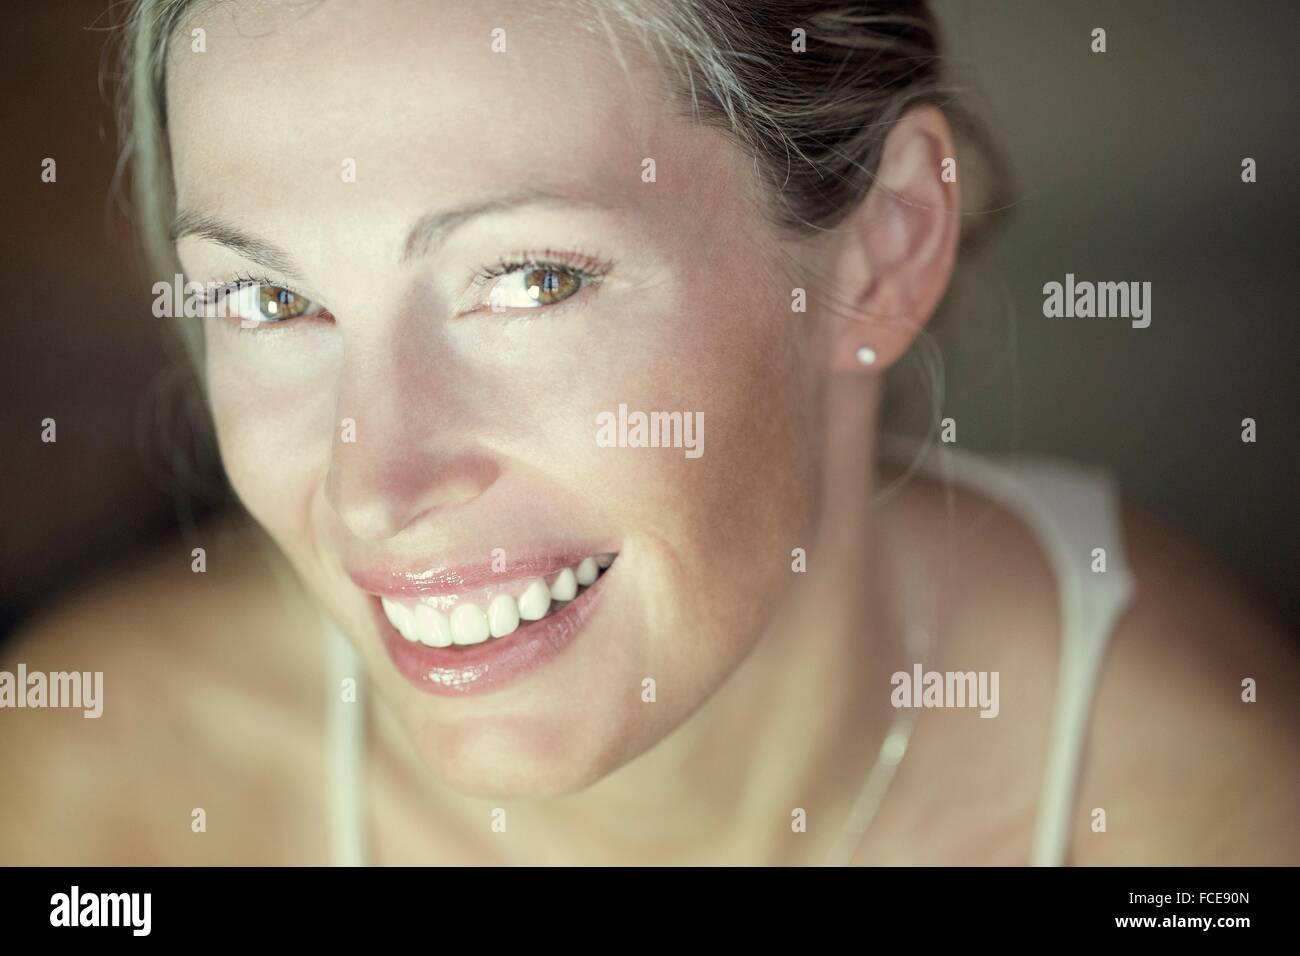 Mujer sonriendo Imagen De Stock